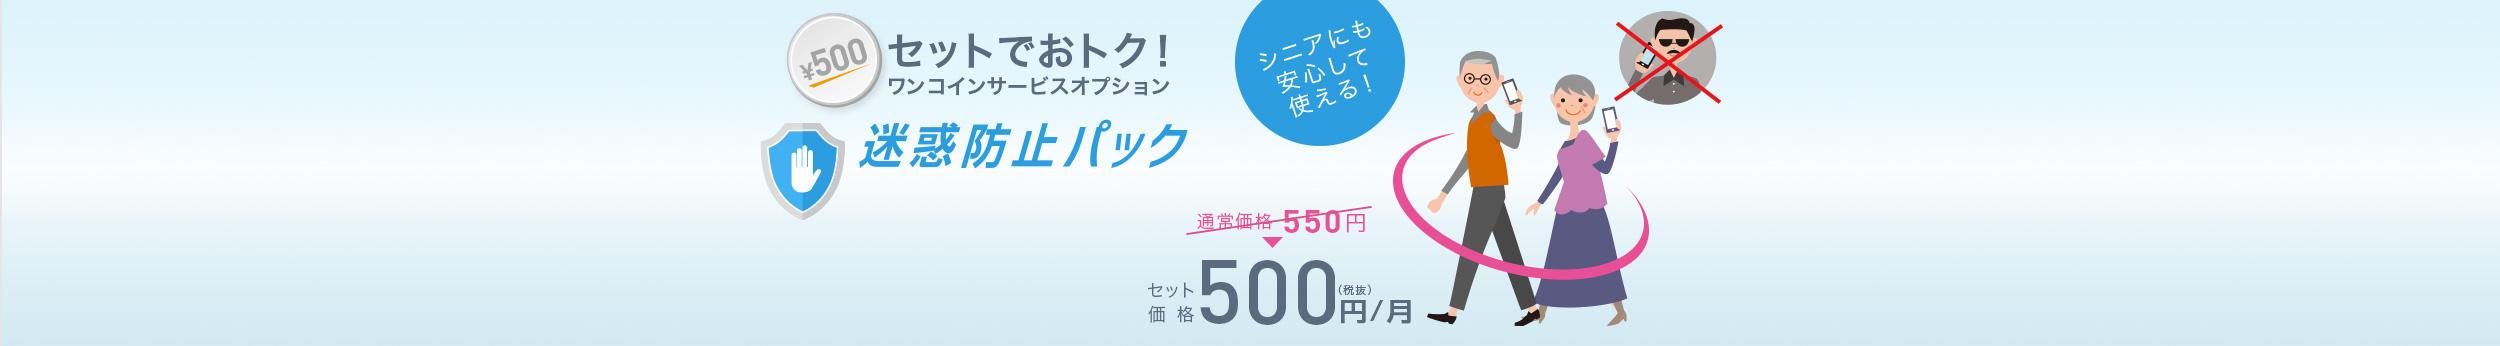 迷惑防止パック (1).jpg